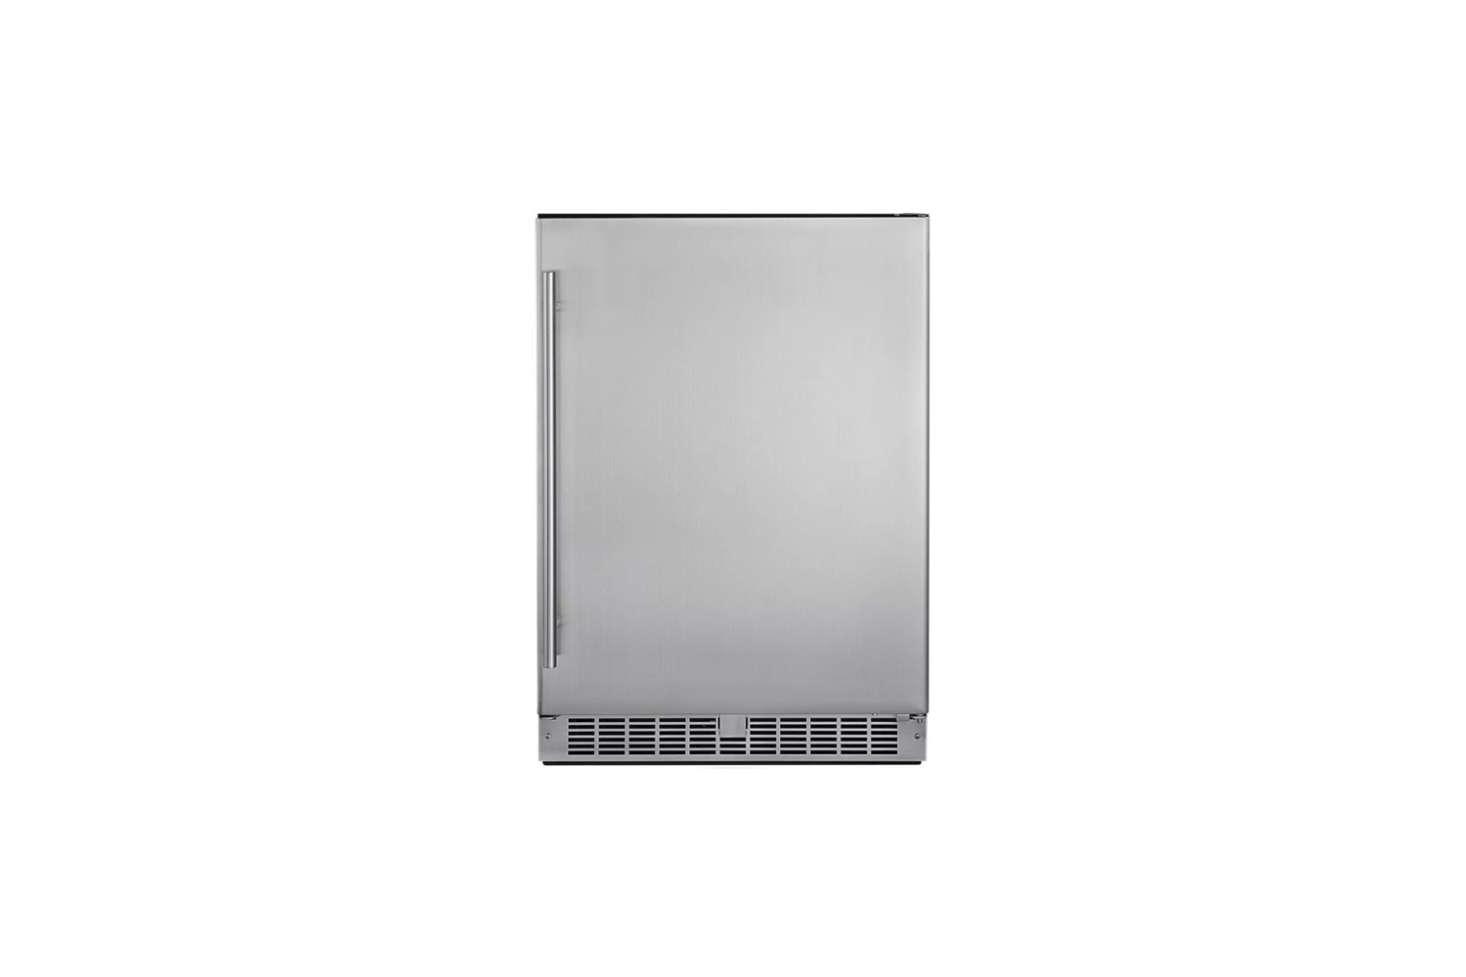 10 Easy Pieces: Compact Refrigerators - Remodelista